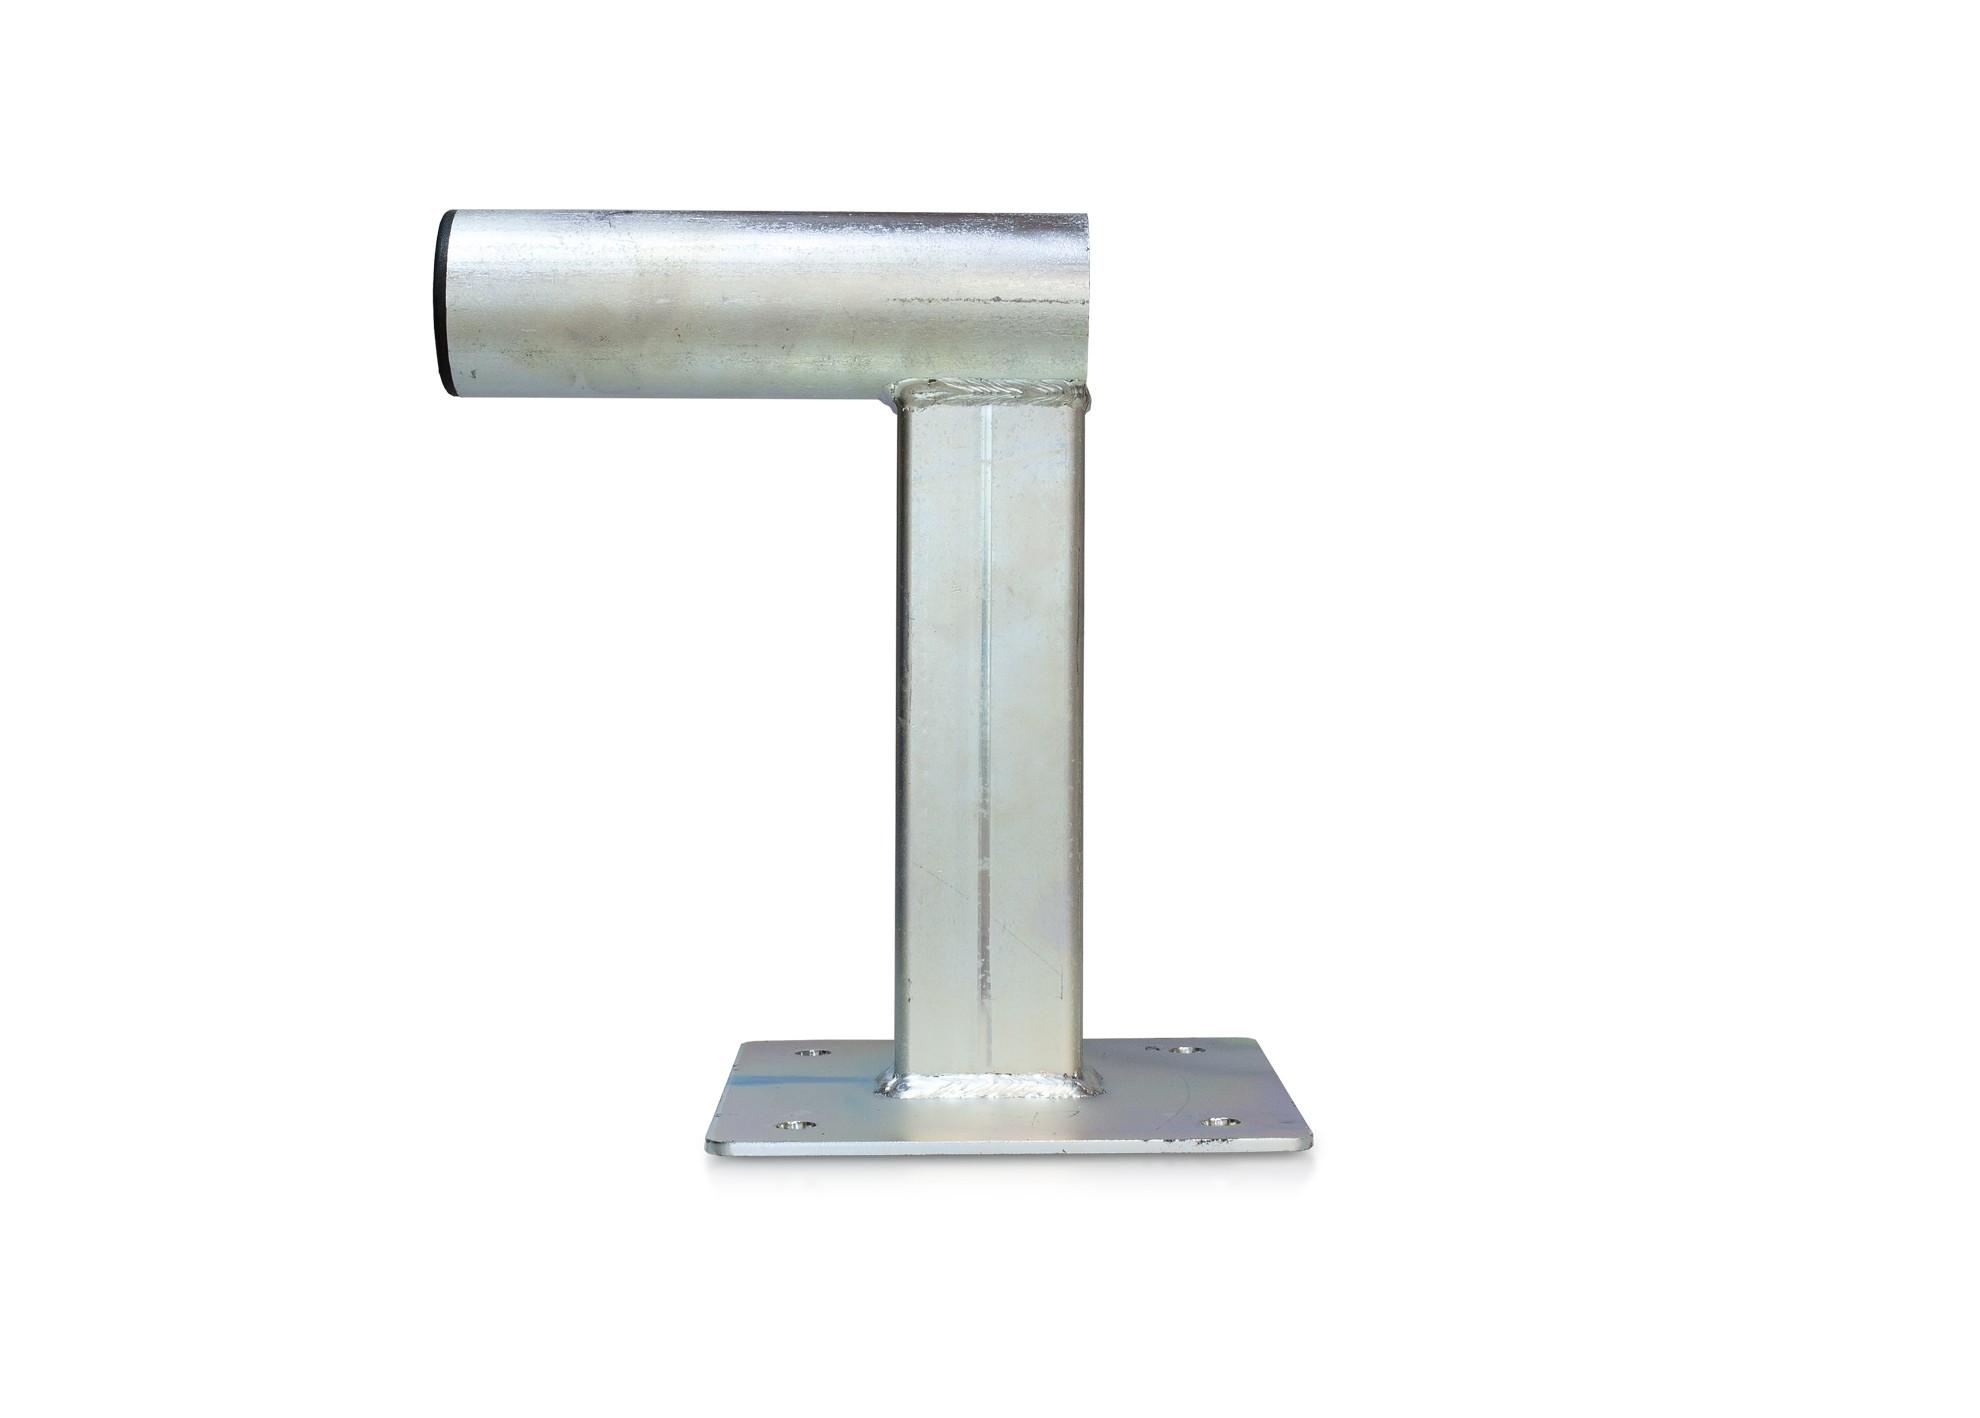 Konzola TOROID s platňou 250, priemer 60mm